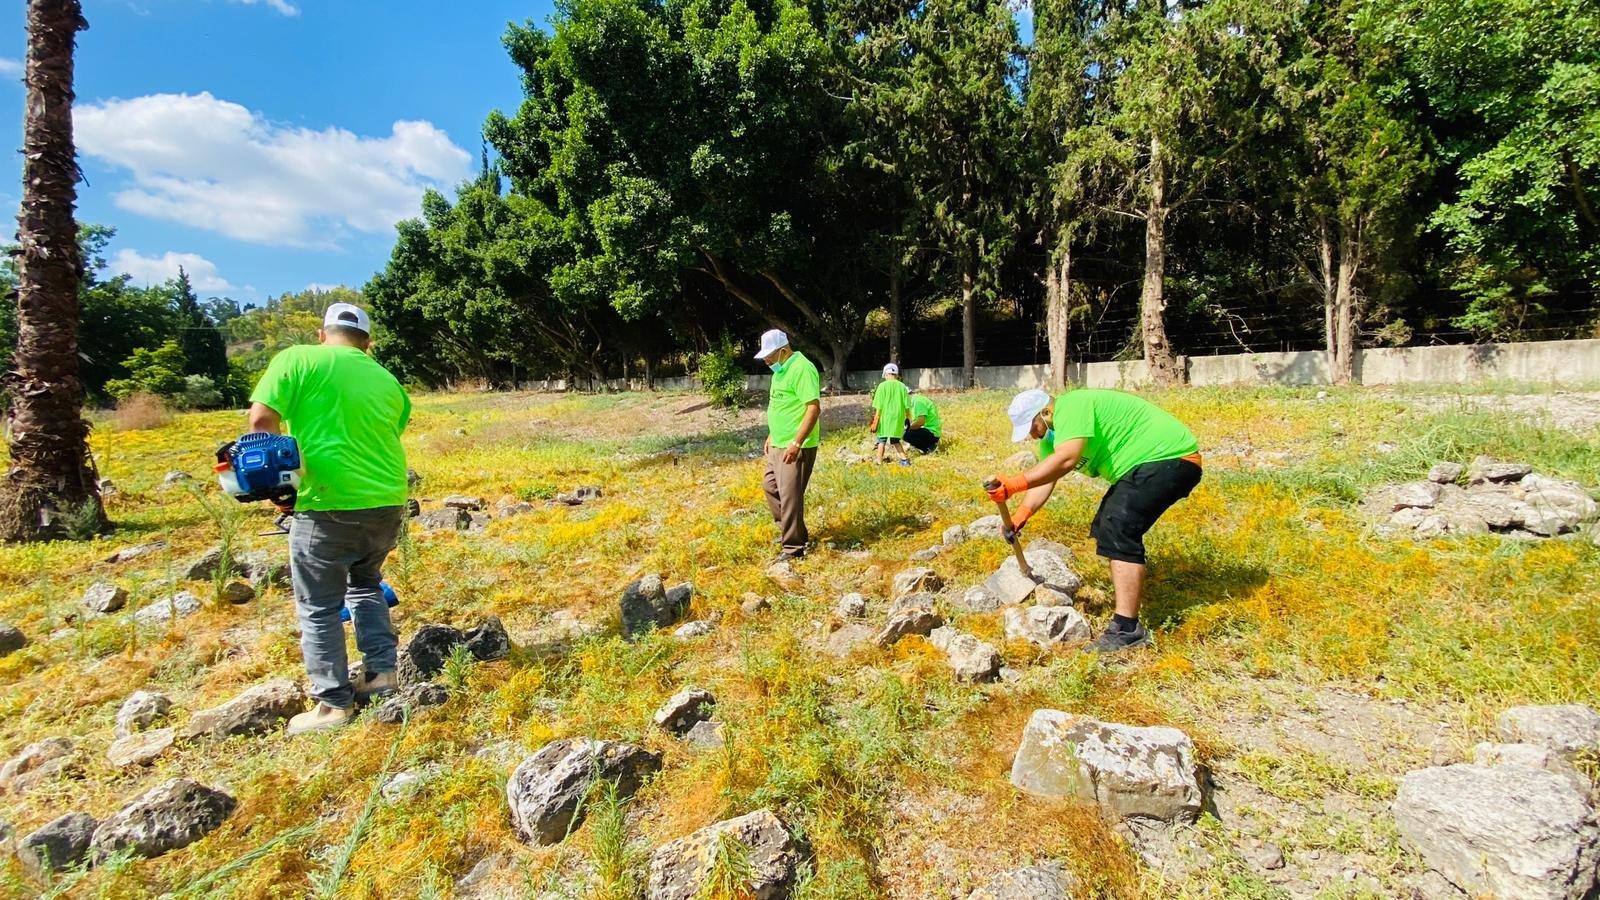 انطلاق معسكر الثبات 6 الذي تنظمه جمعية الأقصى في مقبرة قيرة وقامون